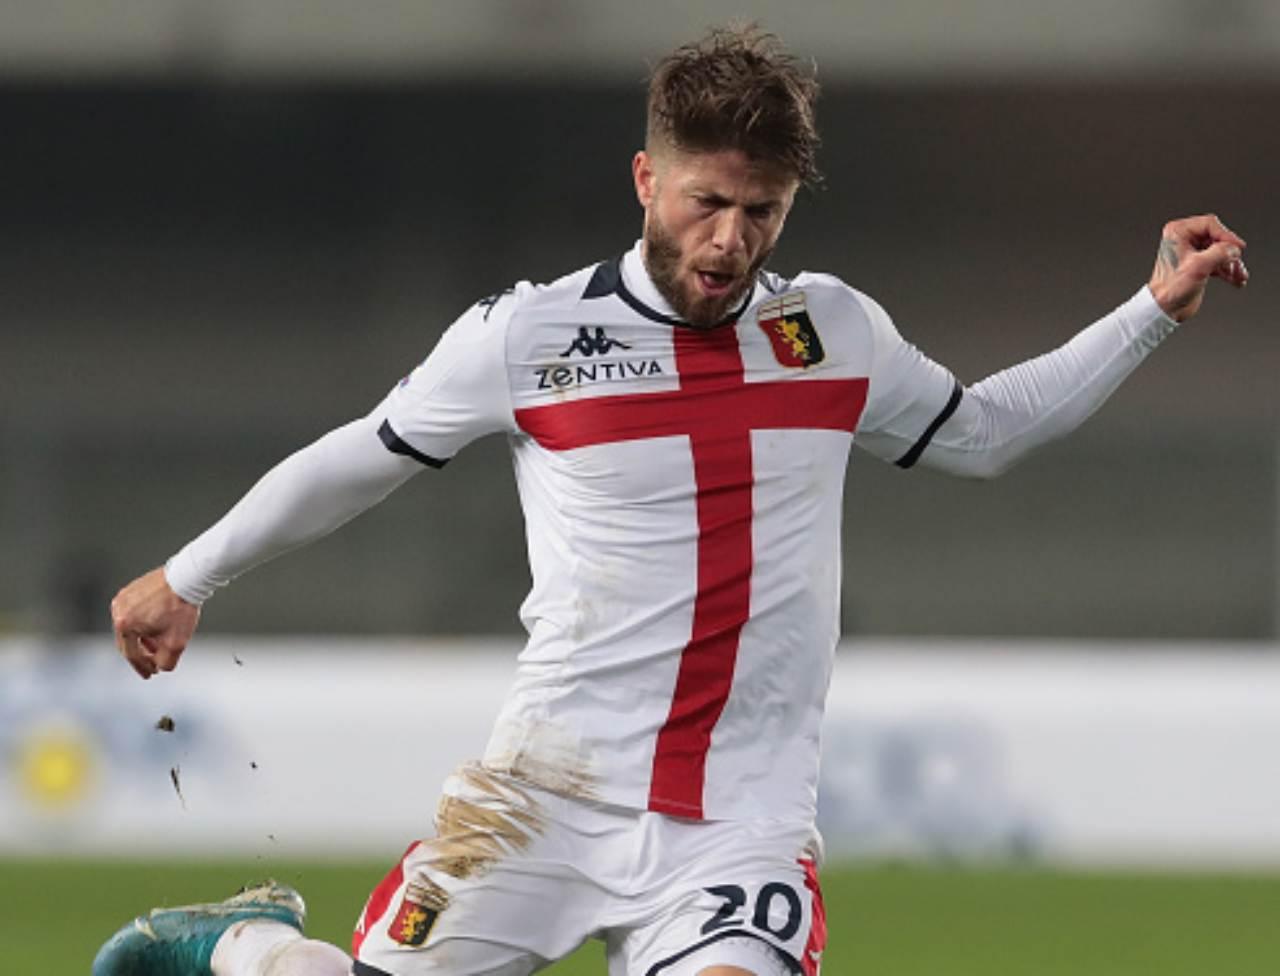 Calciomercato Monza, sfida al Cagliari per Schone: la situazione